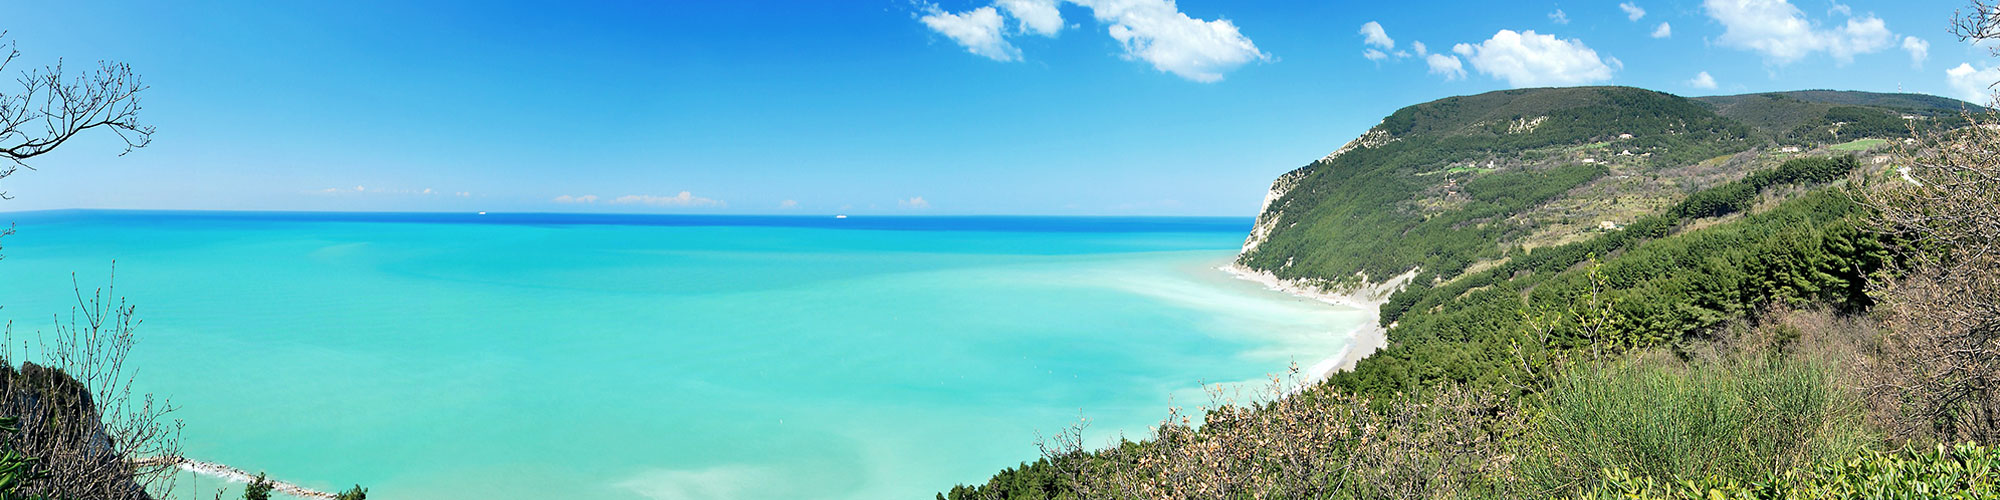 Remax Forever Loreto - Paesaggio Riviera del Conero